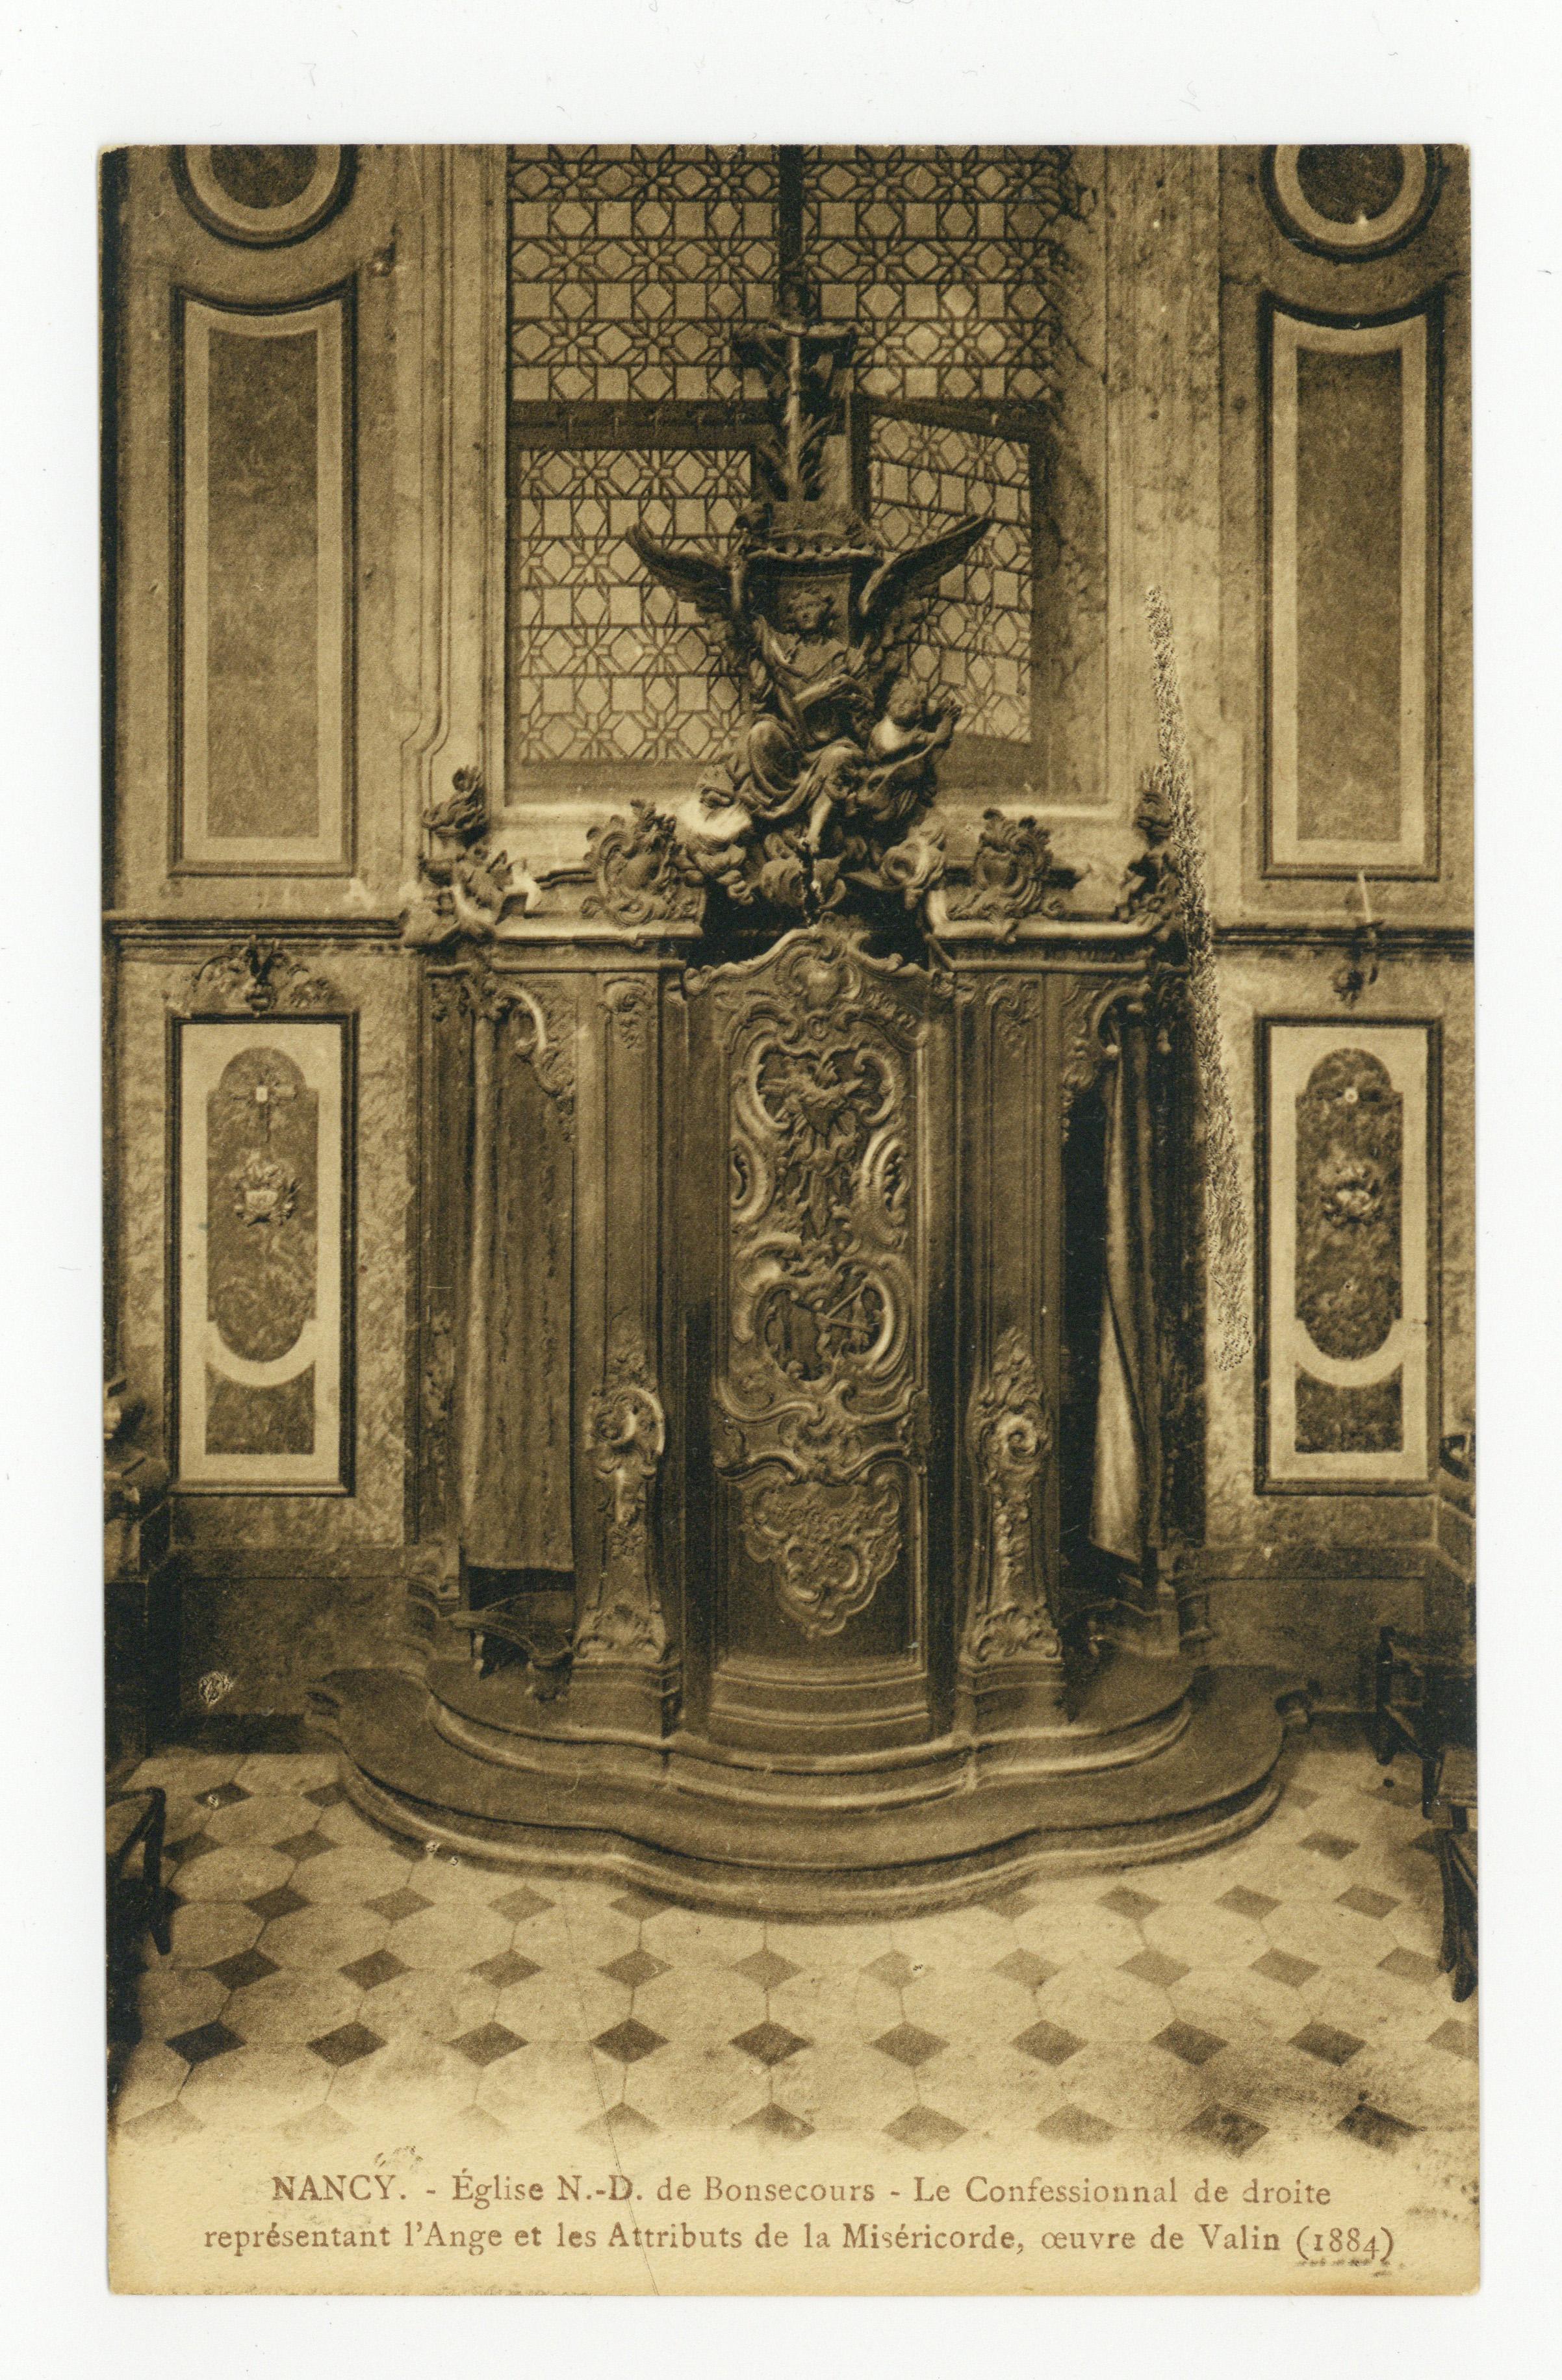 Contenu du Nancy : église N.-D. de Bonsecours, le confessional de droite représentant l'Ange et les attributs de la Miséricorde, œuvre de Vallin (1884)